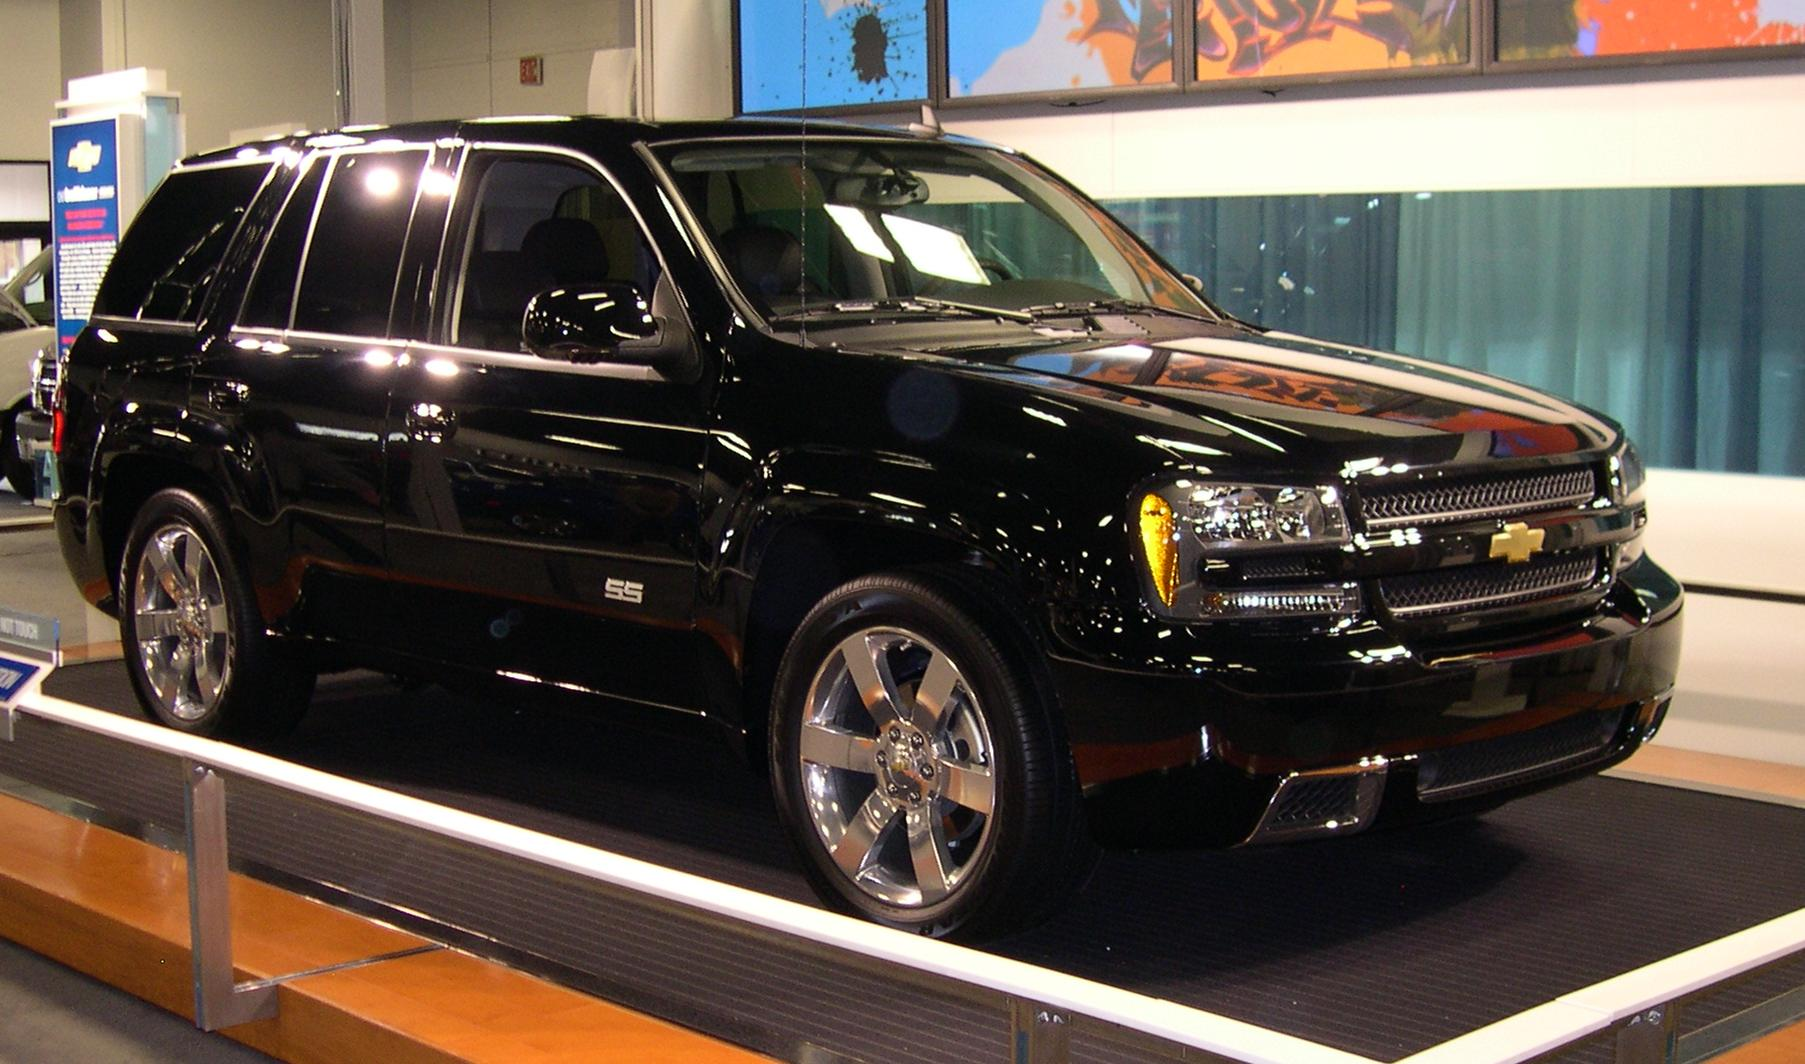 Chevrolet Trailblazer 2011 foto - 4